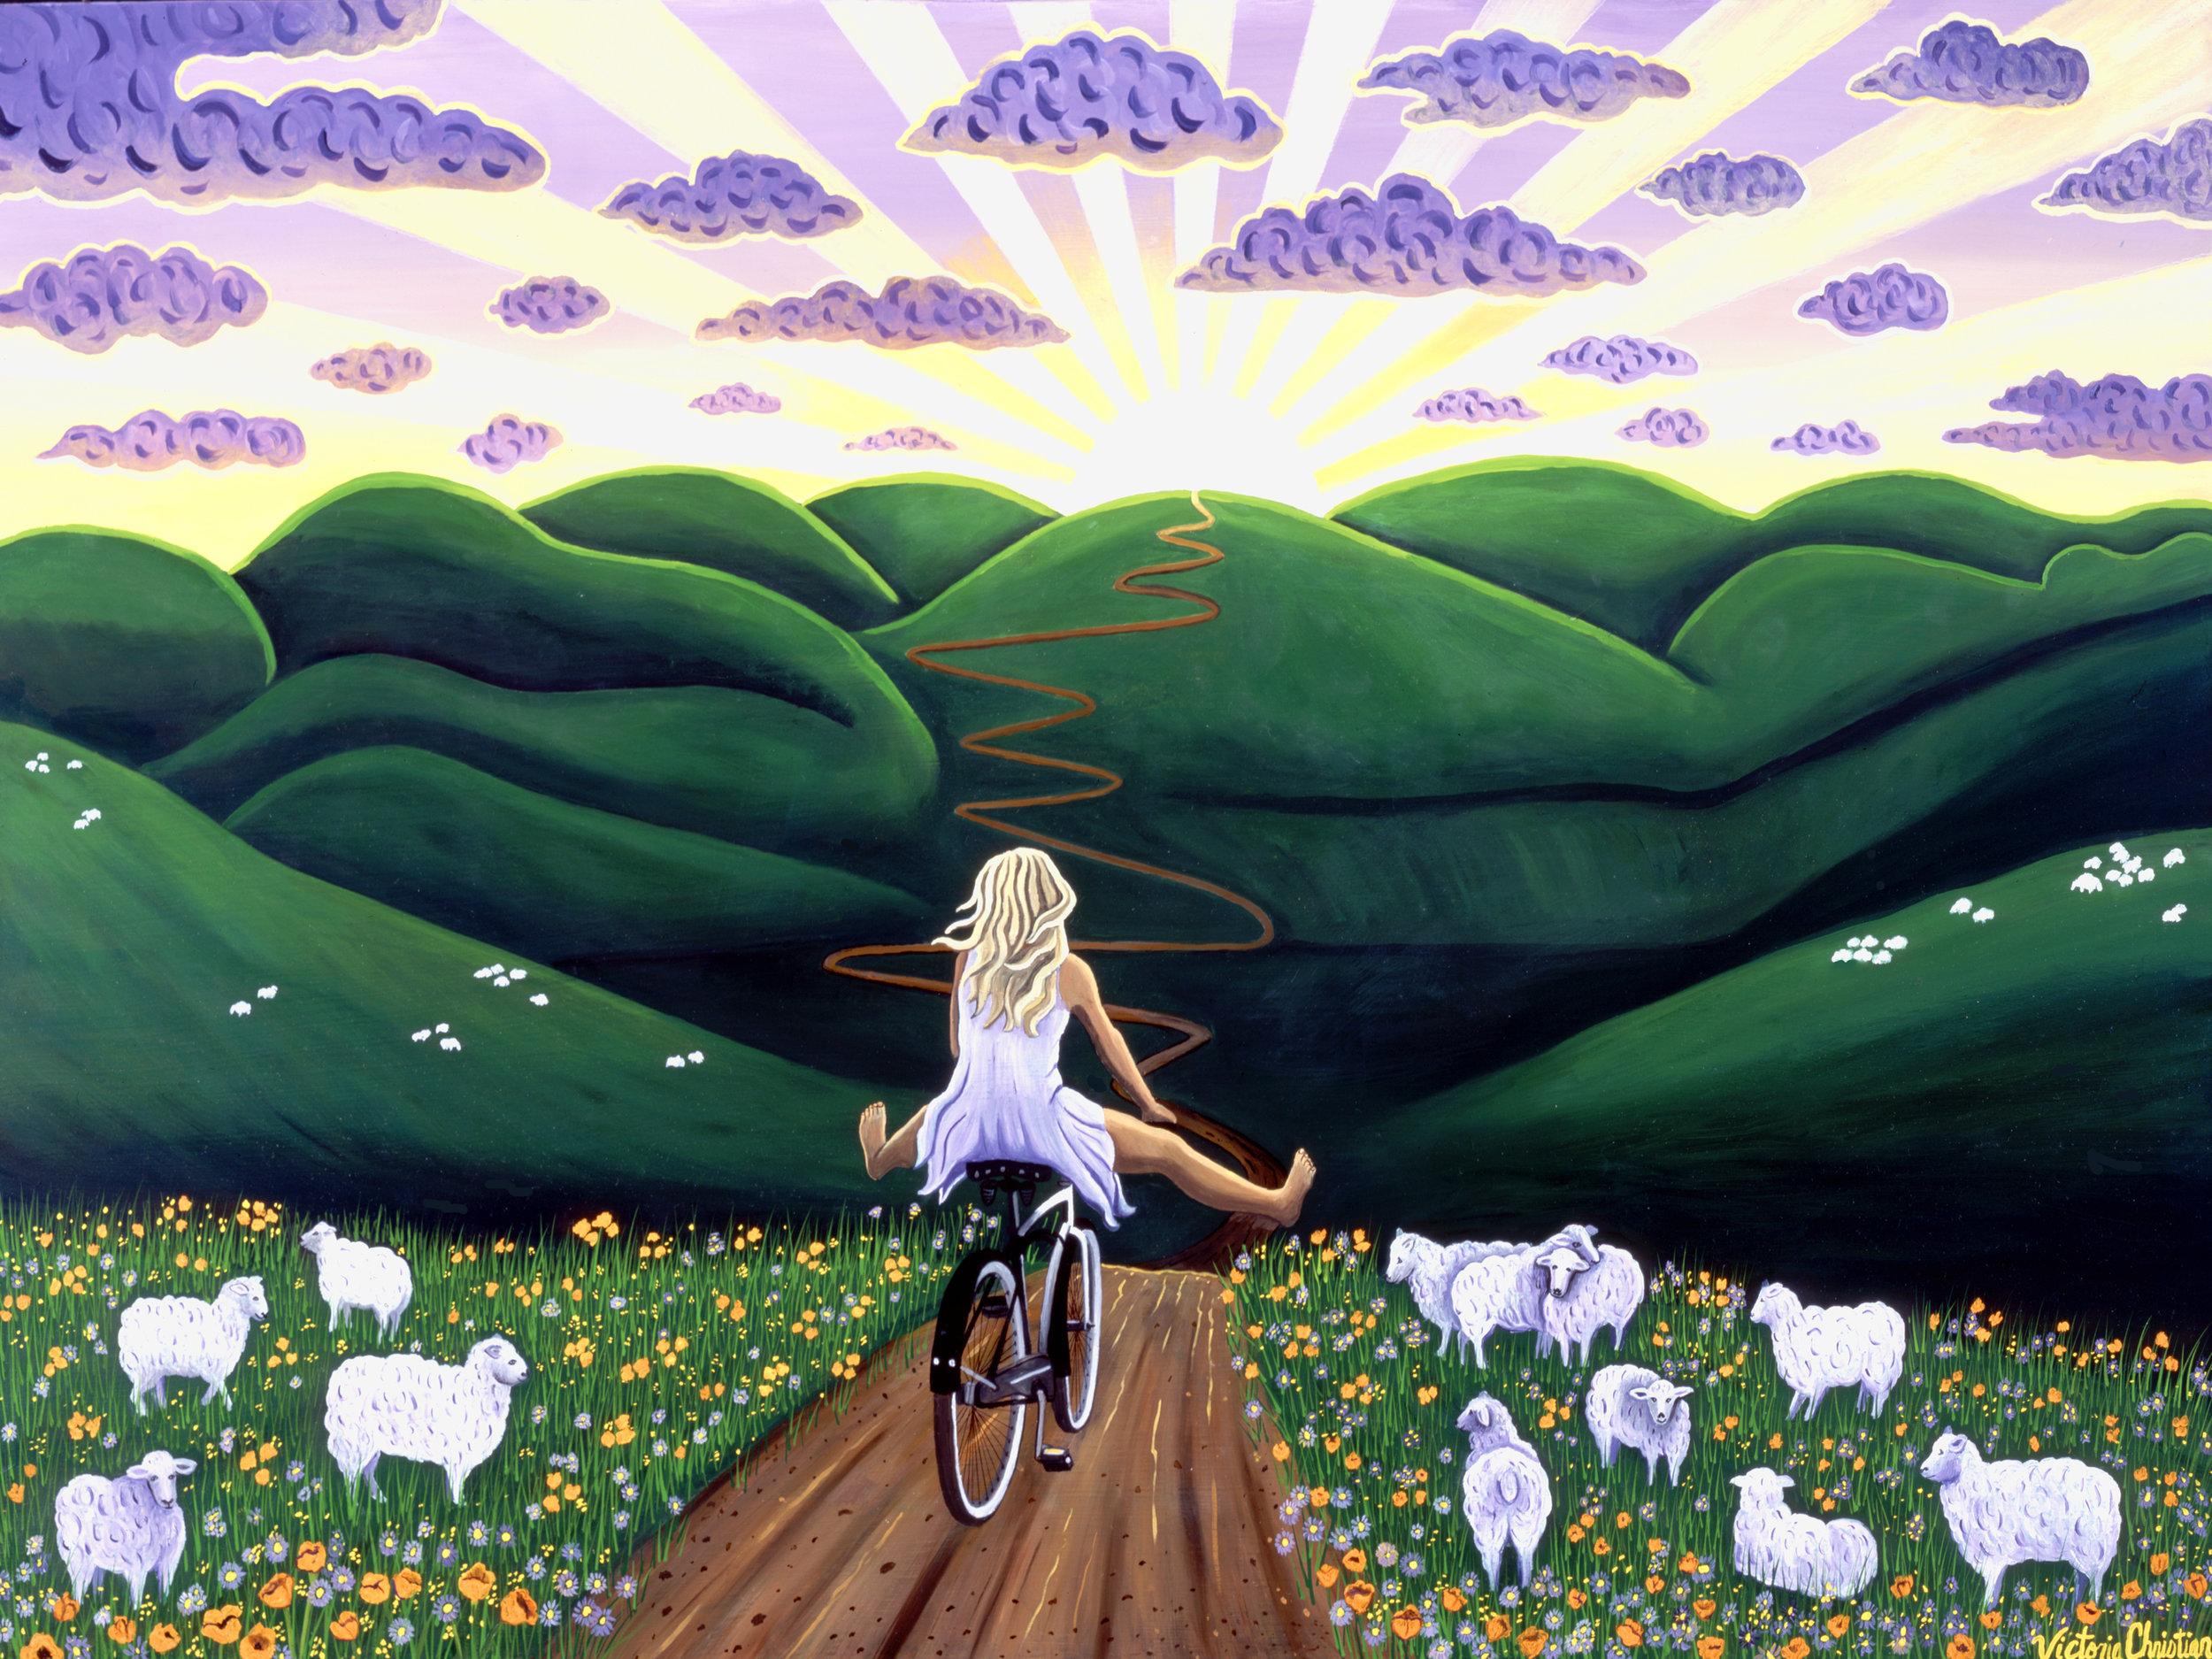 Destination Sun, Cali Biking Goddess